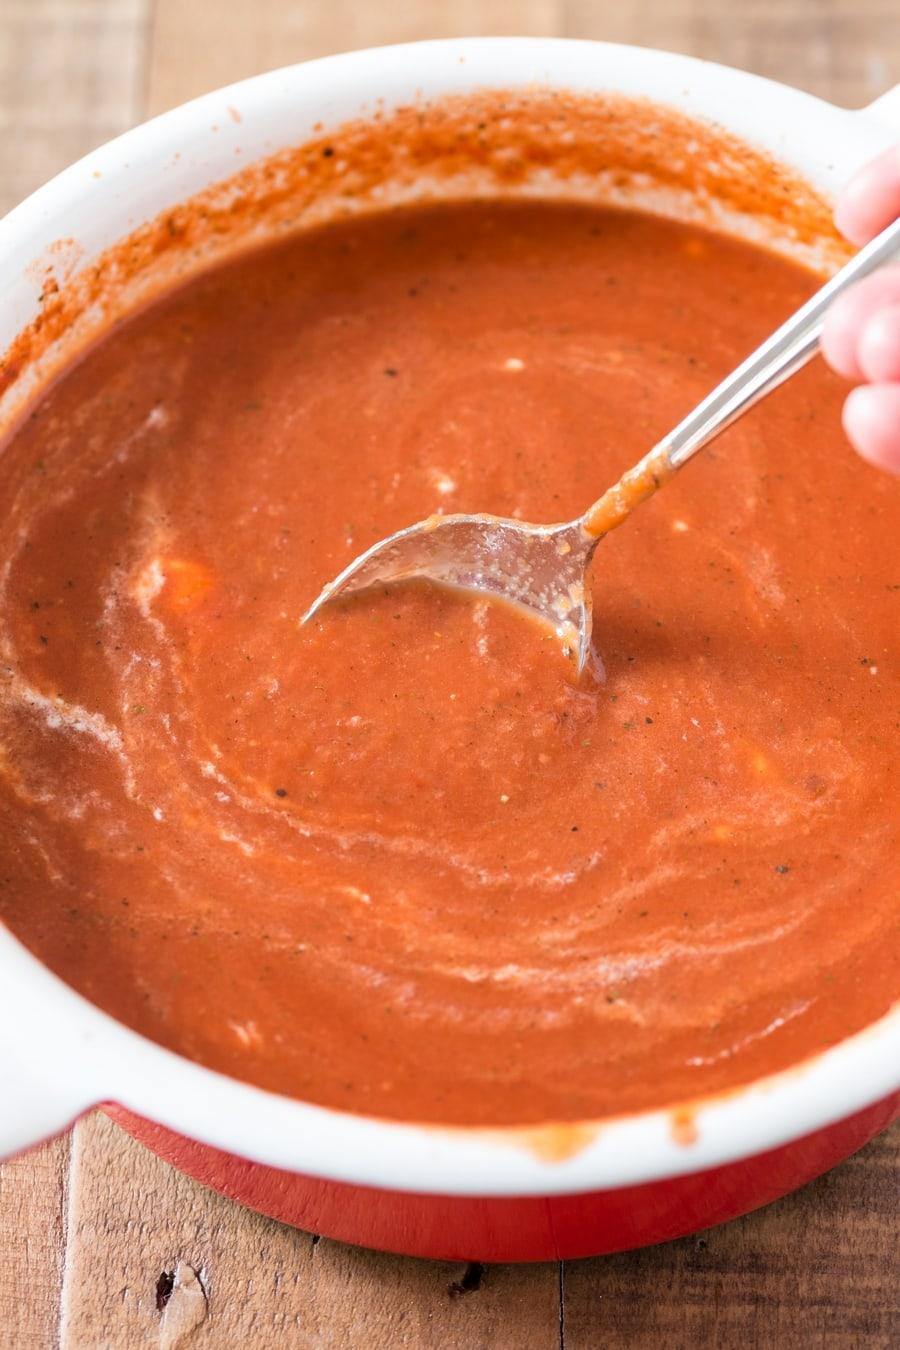 Mixing the cream into Polish tomato soup.